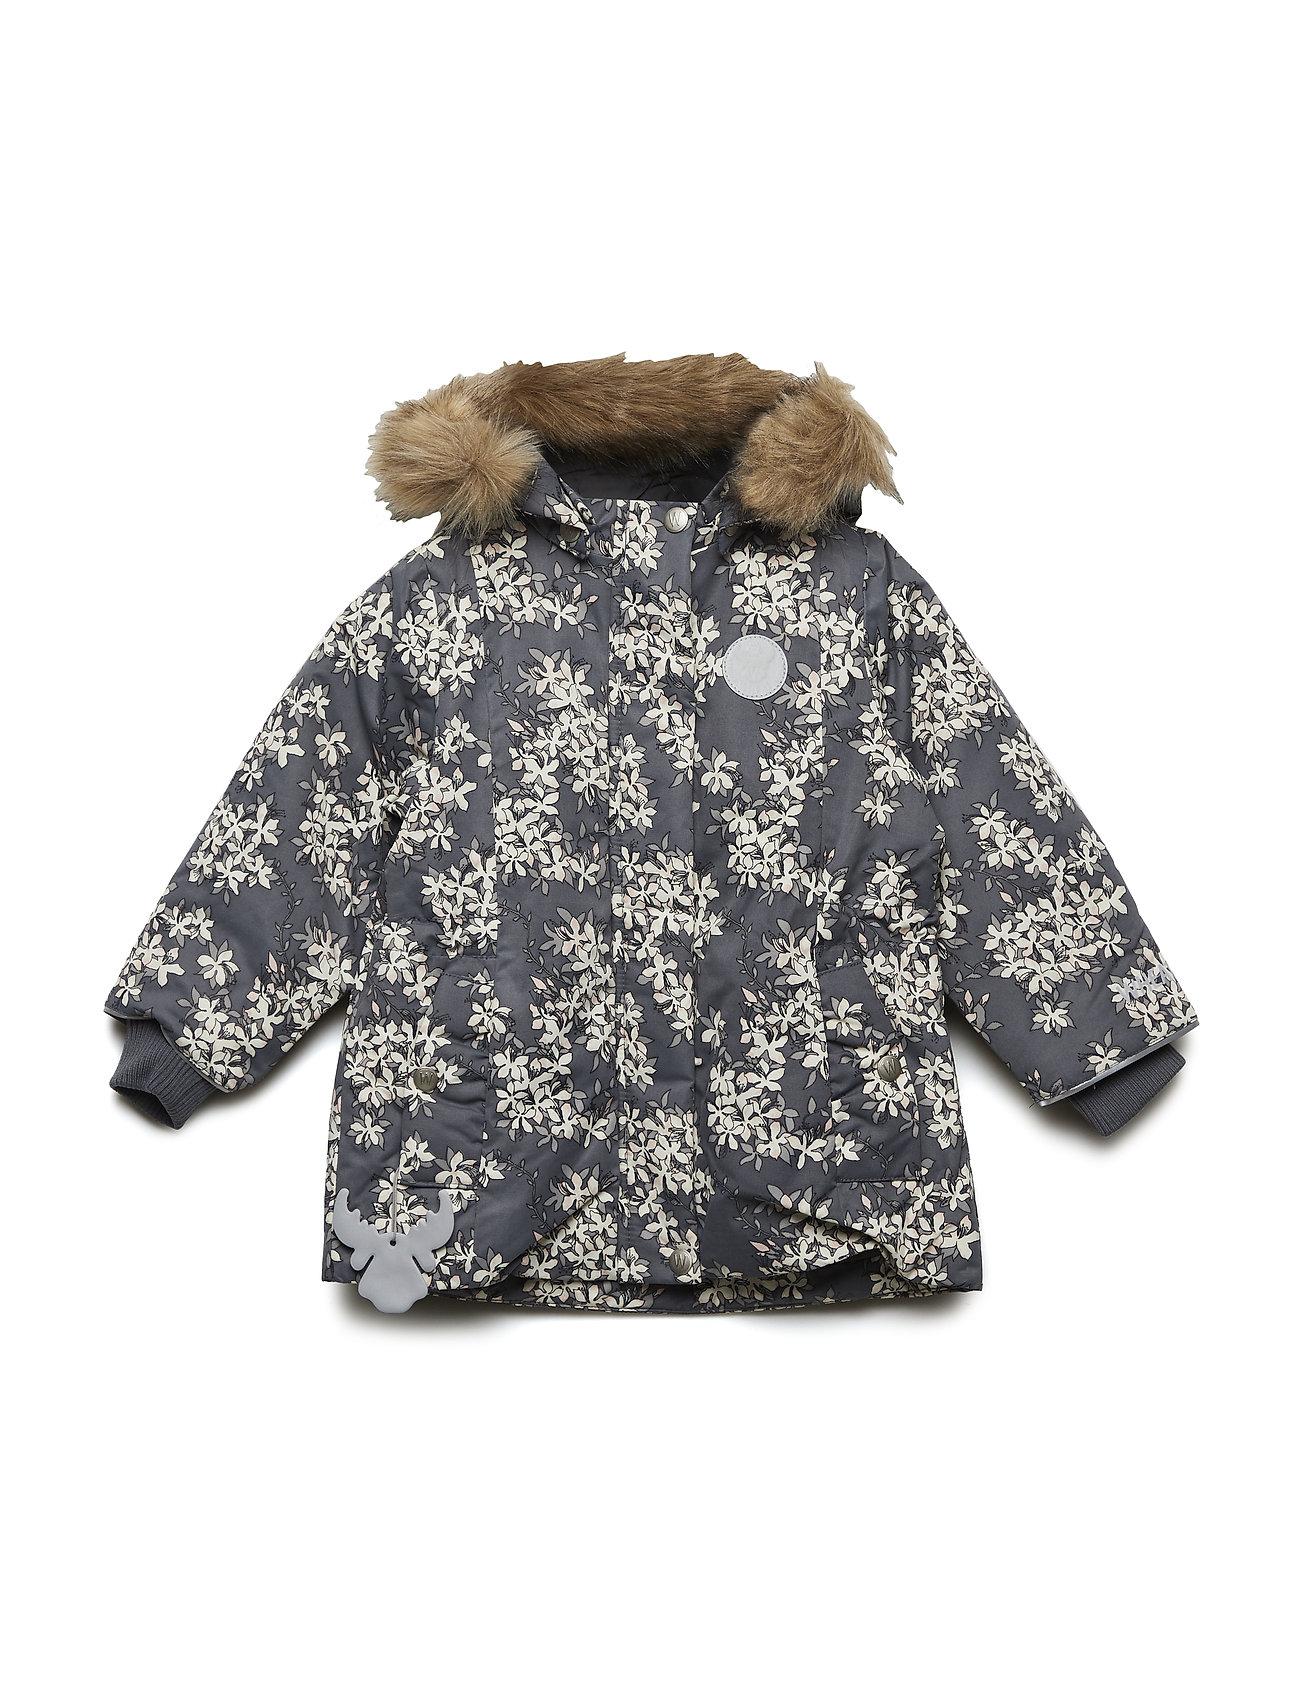 8a992a7903e Jacket Edy Outerwear Jackets & Coats Winter& Warmlined Jackets Grå WHEAT